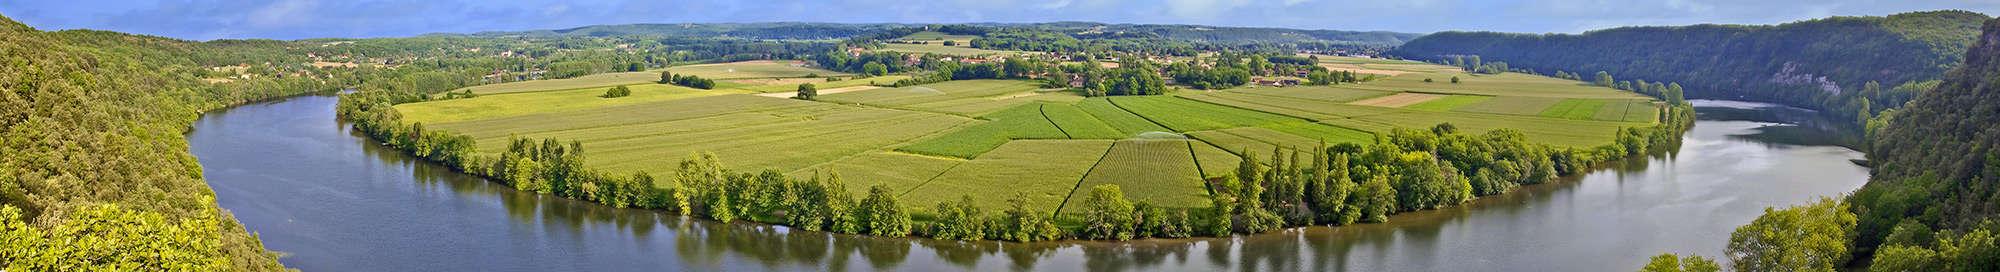 Week-end et séjour dans la  Vallée de la Dordogne